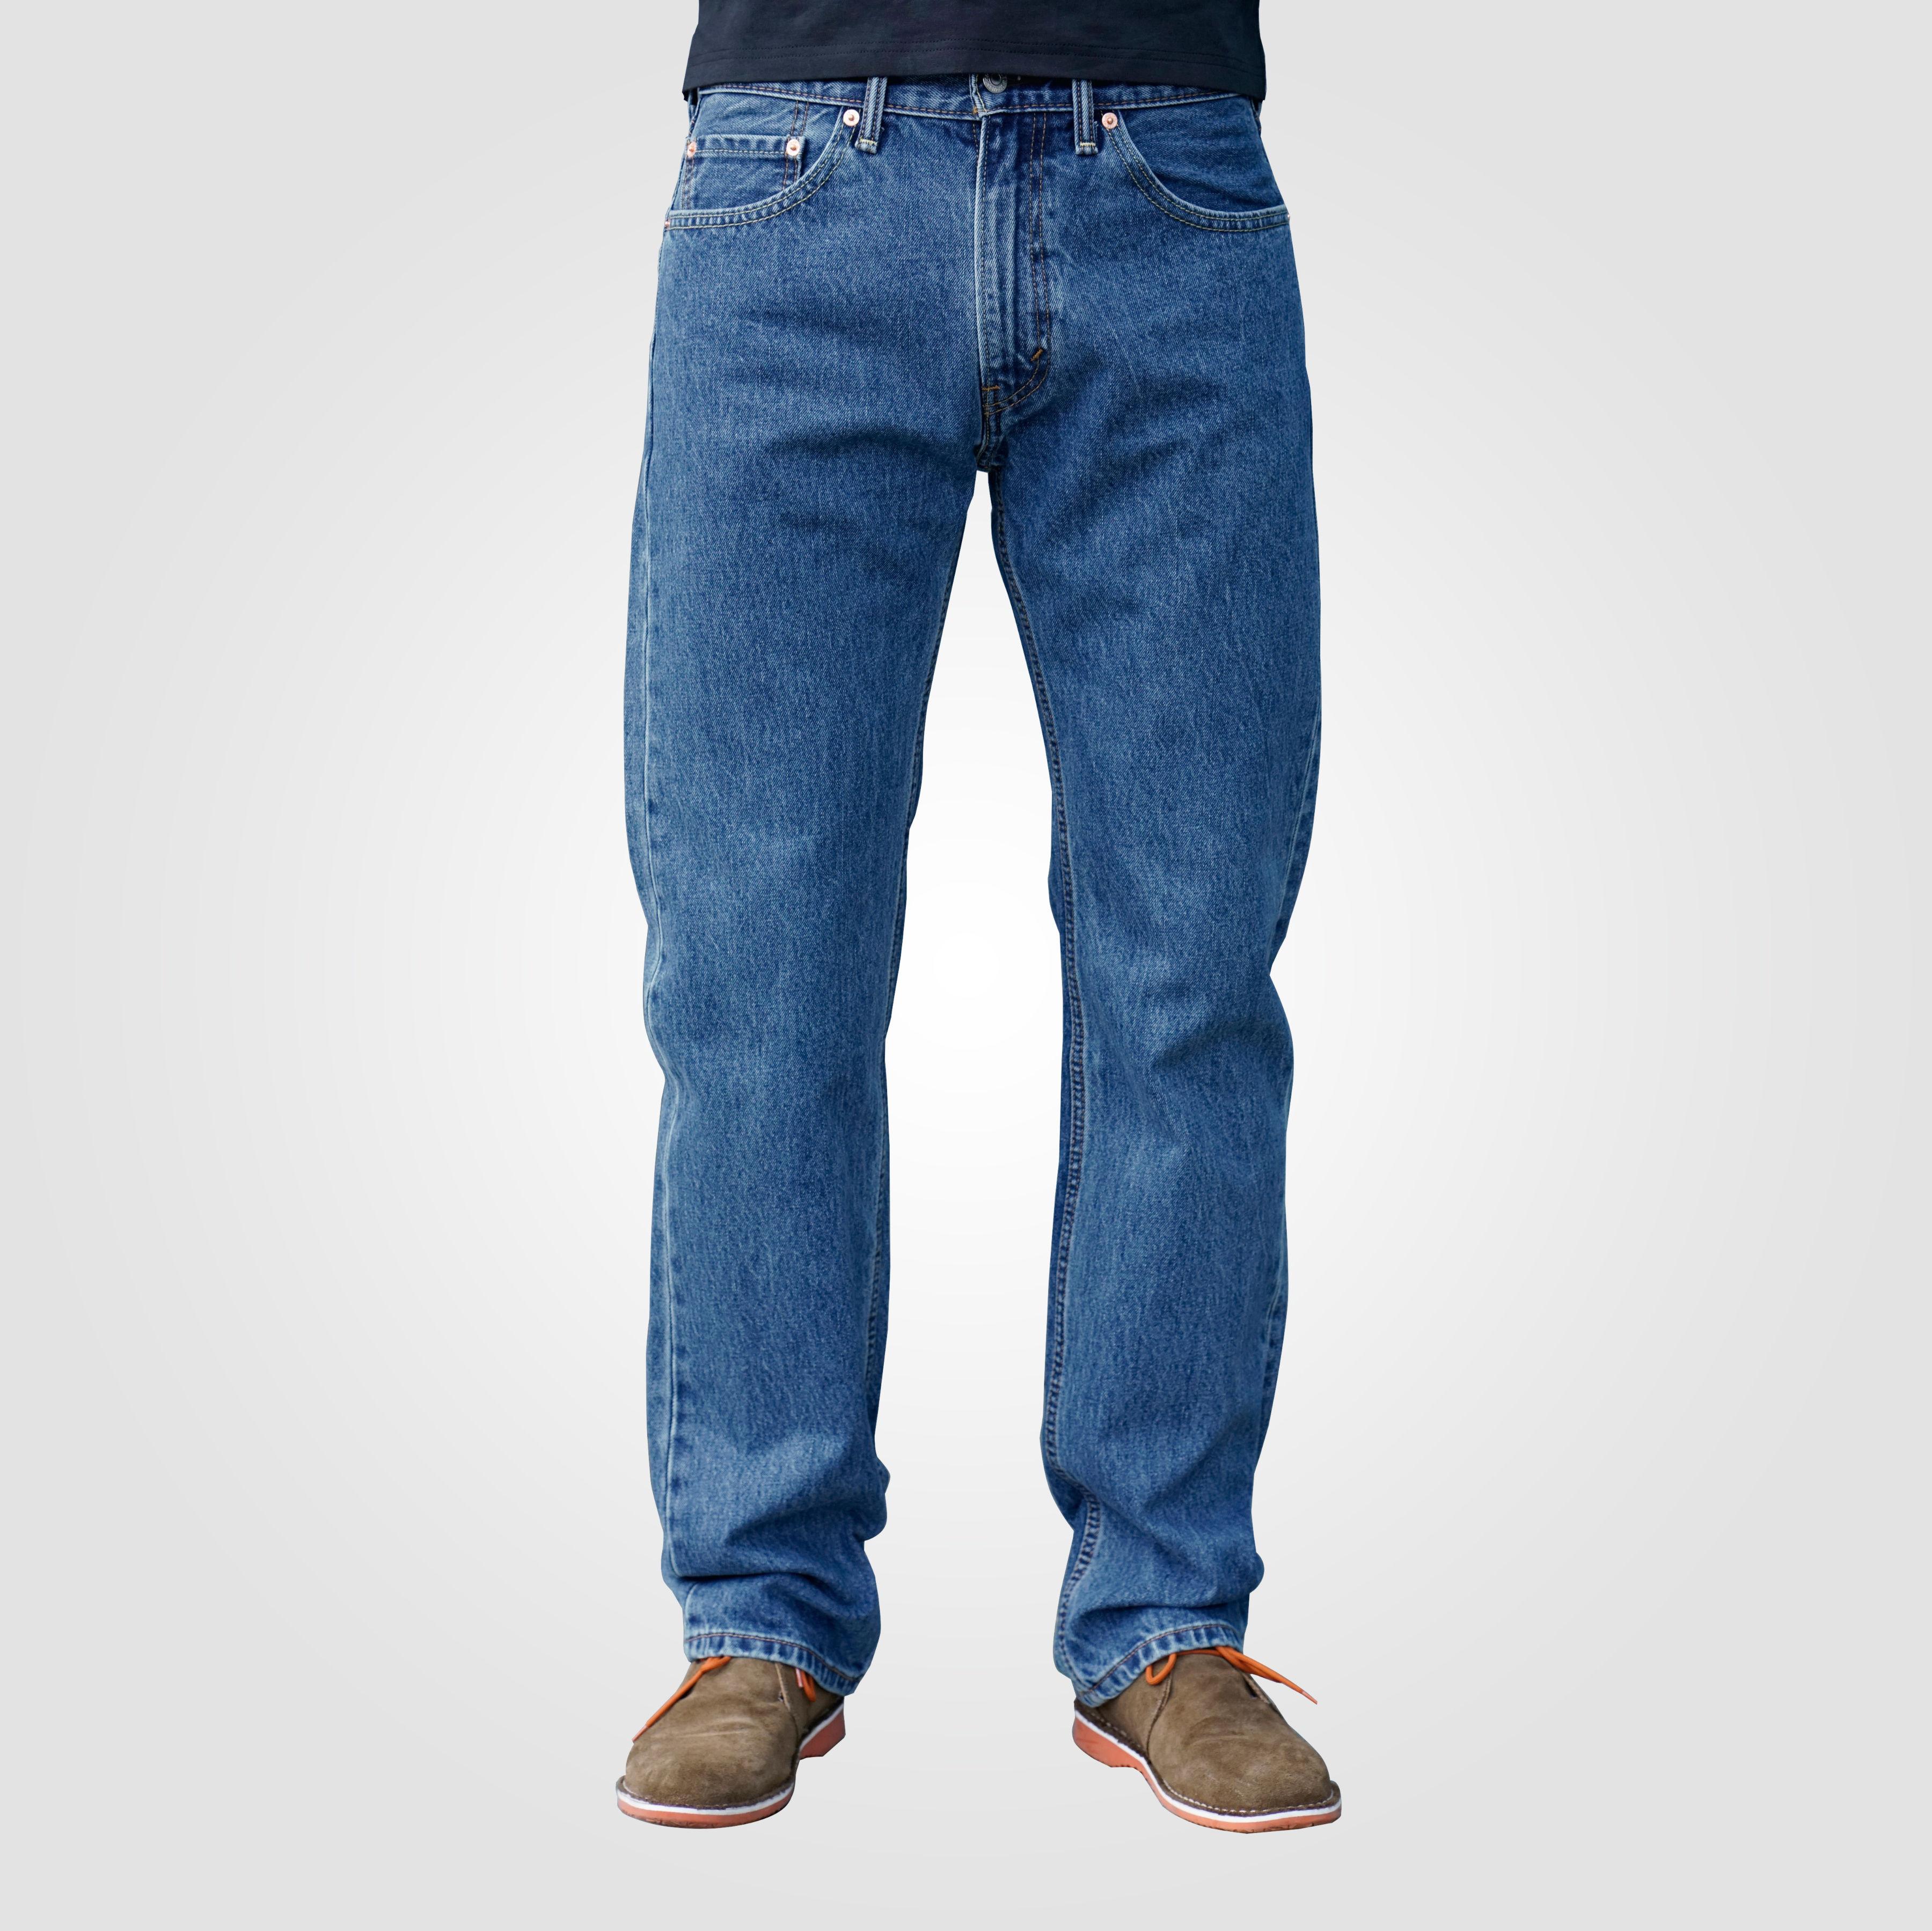 new arrivals 9bfef f1112 Levis 505 Herren Jeans